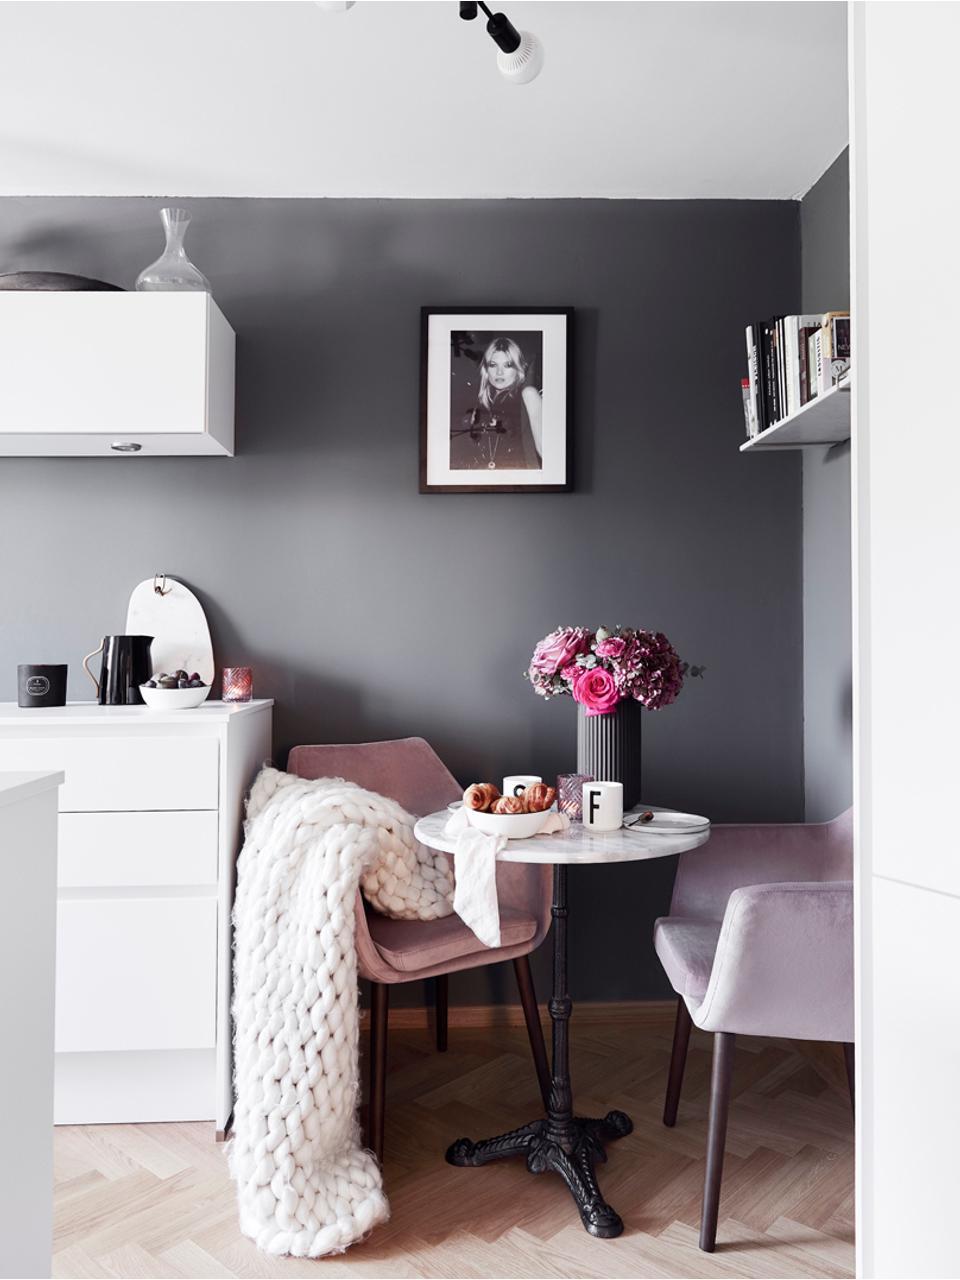 Fluwelen armstoel Nora, Bekleding: polyester (fluweel), Poten: eikenhout, gebeitst, Fluweel roze, poten donkerbruin, 58 x 84 cm